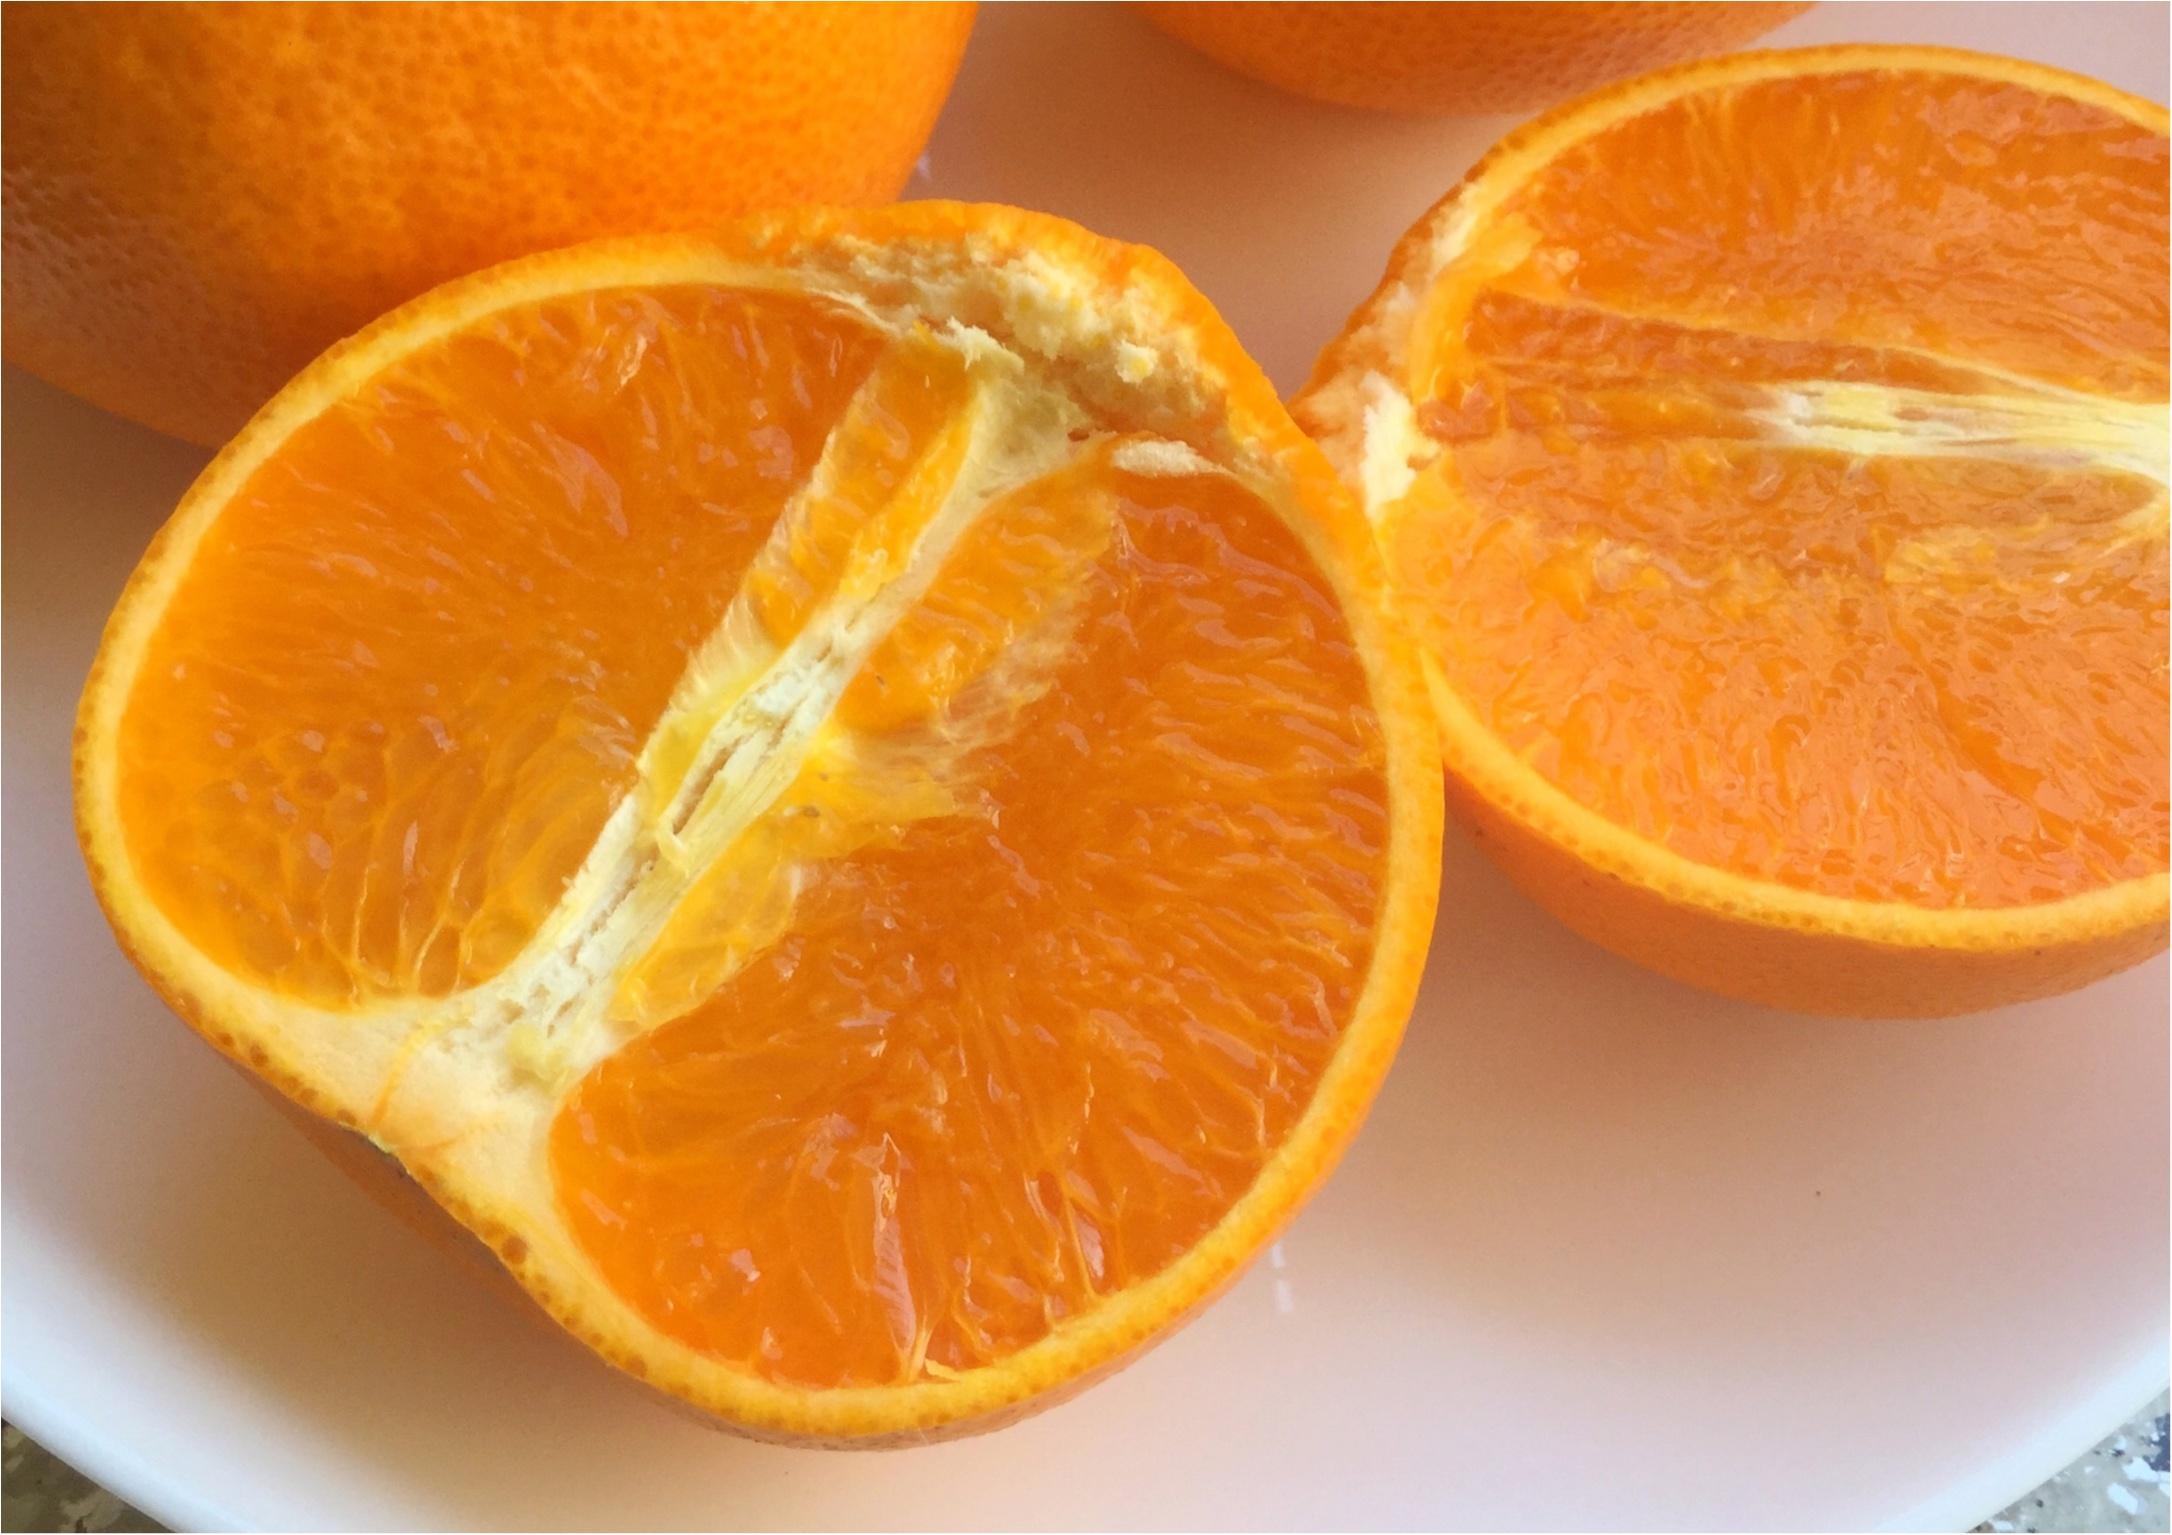 【フルーツ好きがオススメする幻の柑橘】ビタミンCが豊富な柑橘類の大トロともいわれる「せとか」で美肌をゲットしませんか♡_1